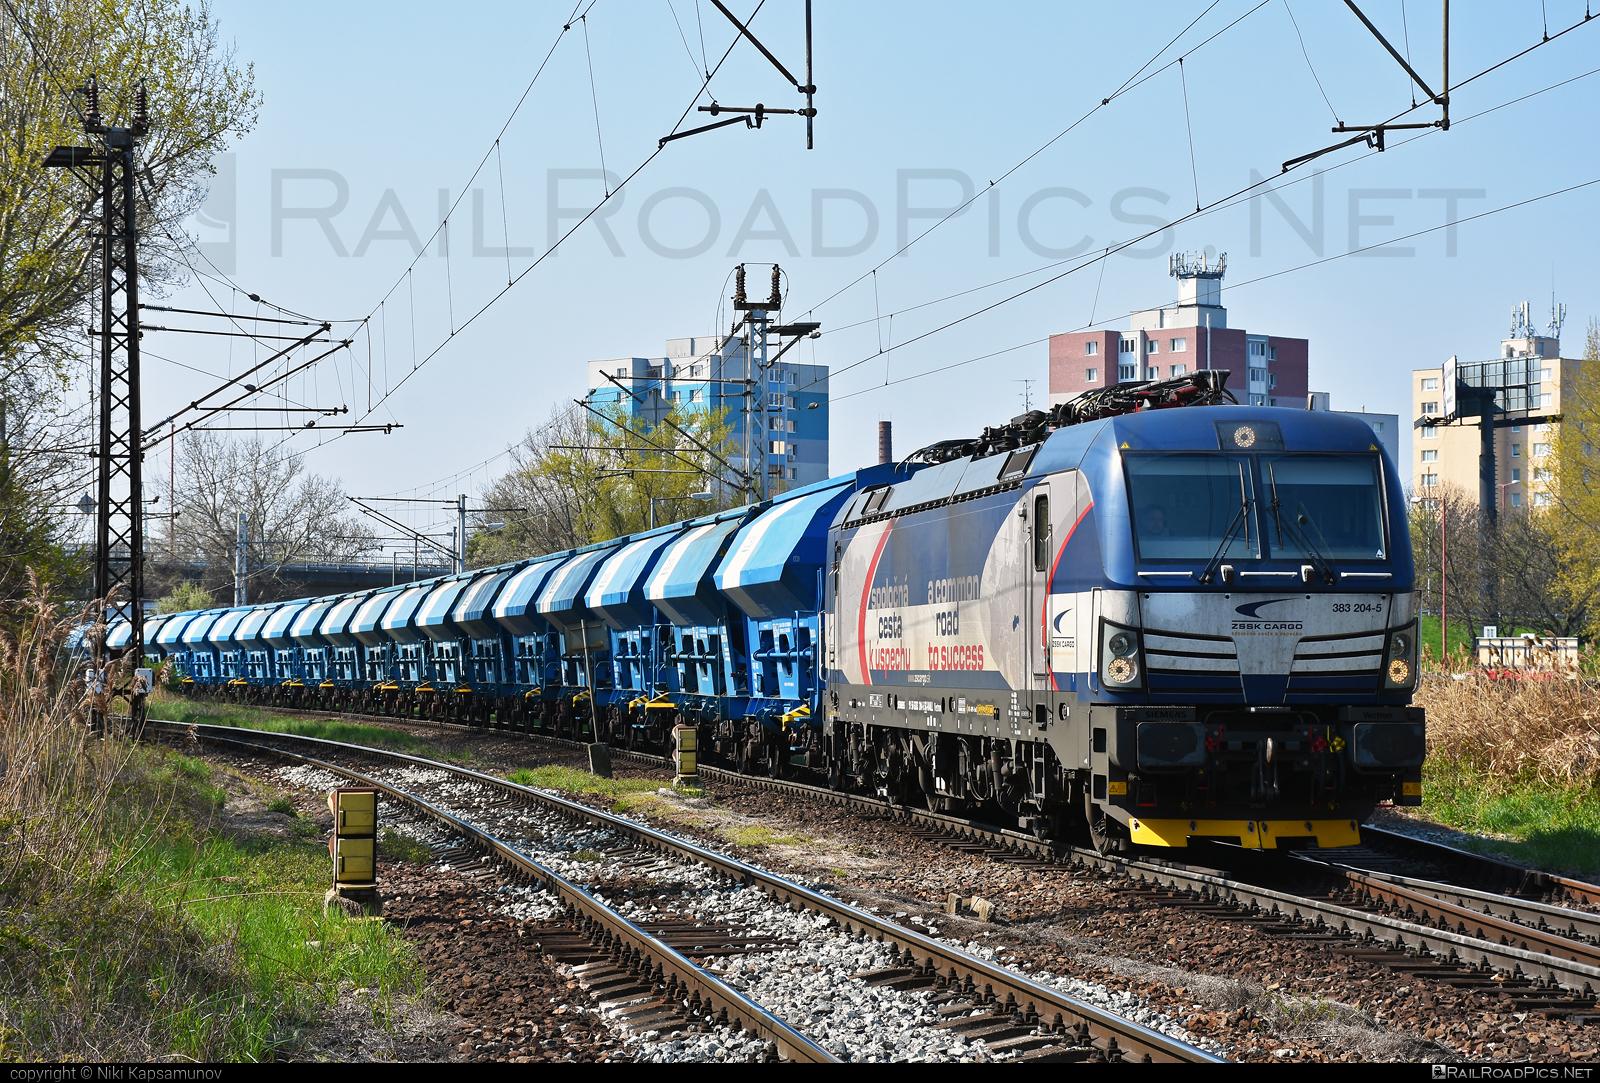 Siemens Vectron MS - 383 204-5 operated by Železničná Spoločnost' Cargo Slovakia a.s. #RollingStockLease #RollingStockLeaseSro #ZeleznicnaSpolocnostCargoSlovakia #duslo #hopperwagon #raill #siemens #siemensvectron #siemensvectronms #vectron #vectronms #zsskcargo